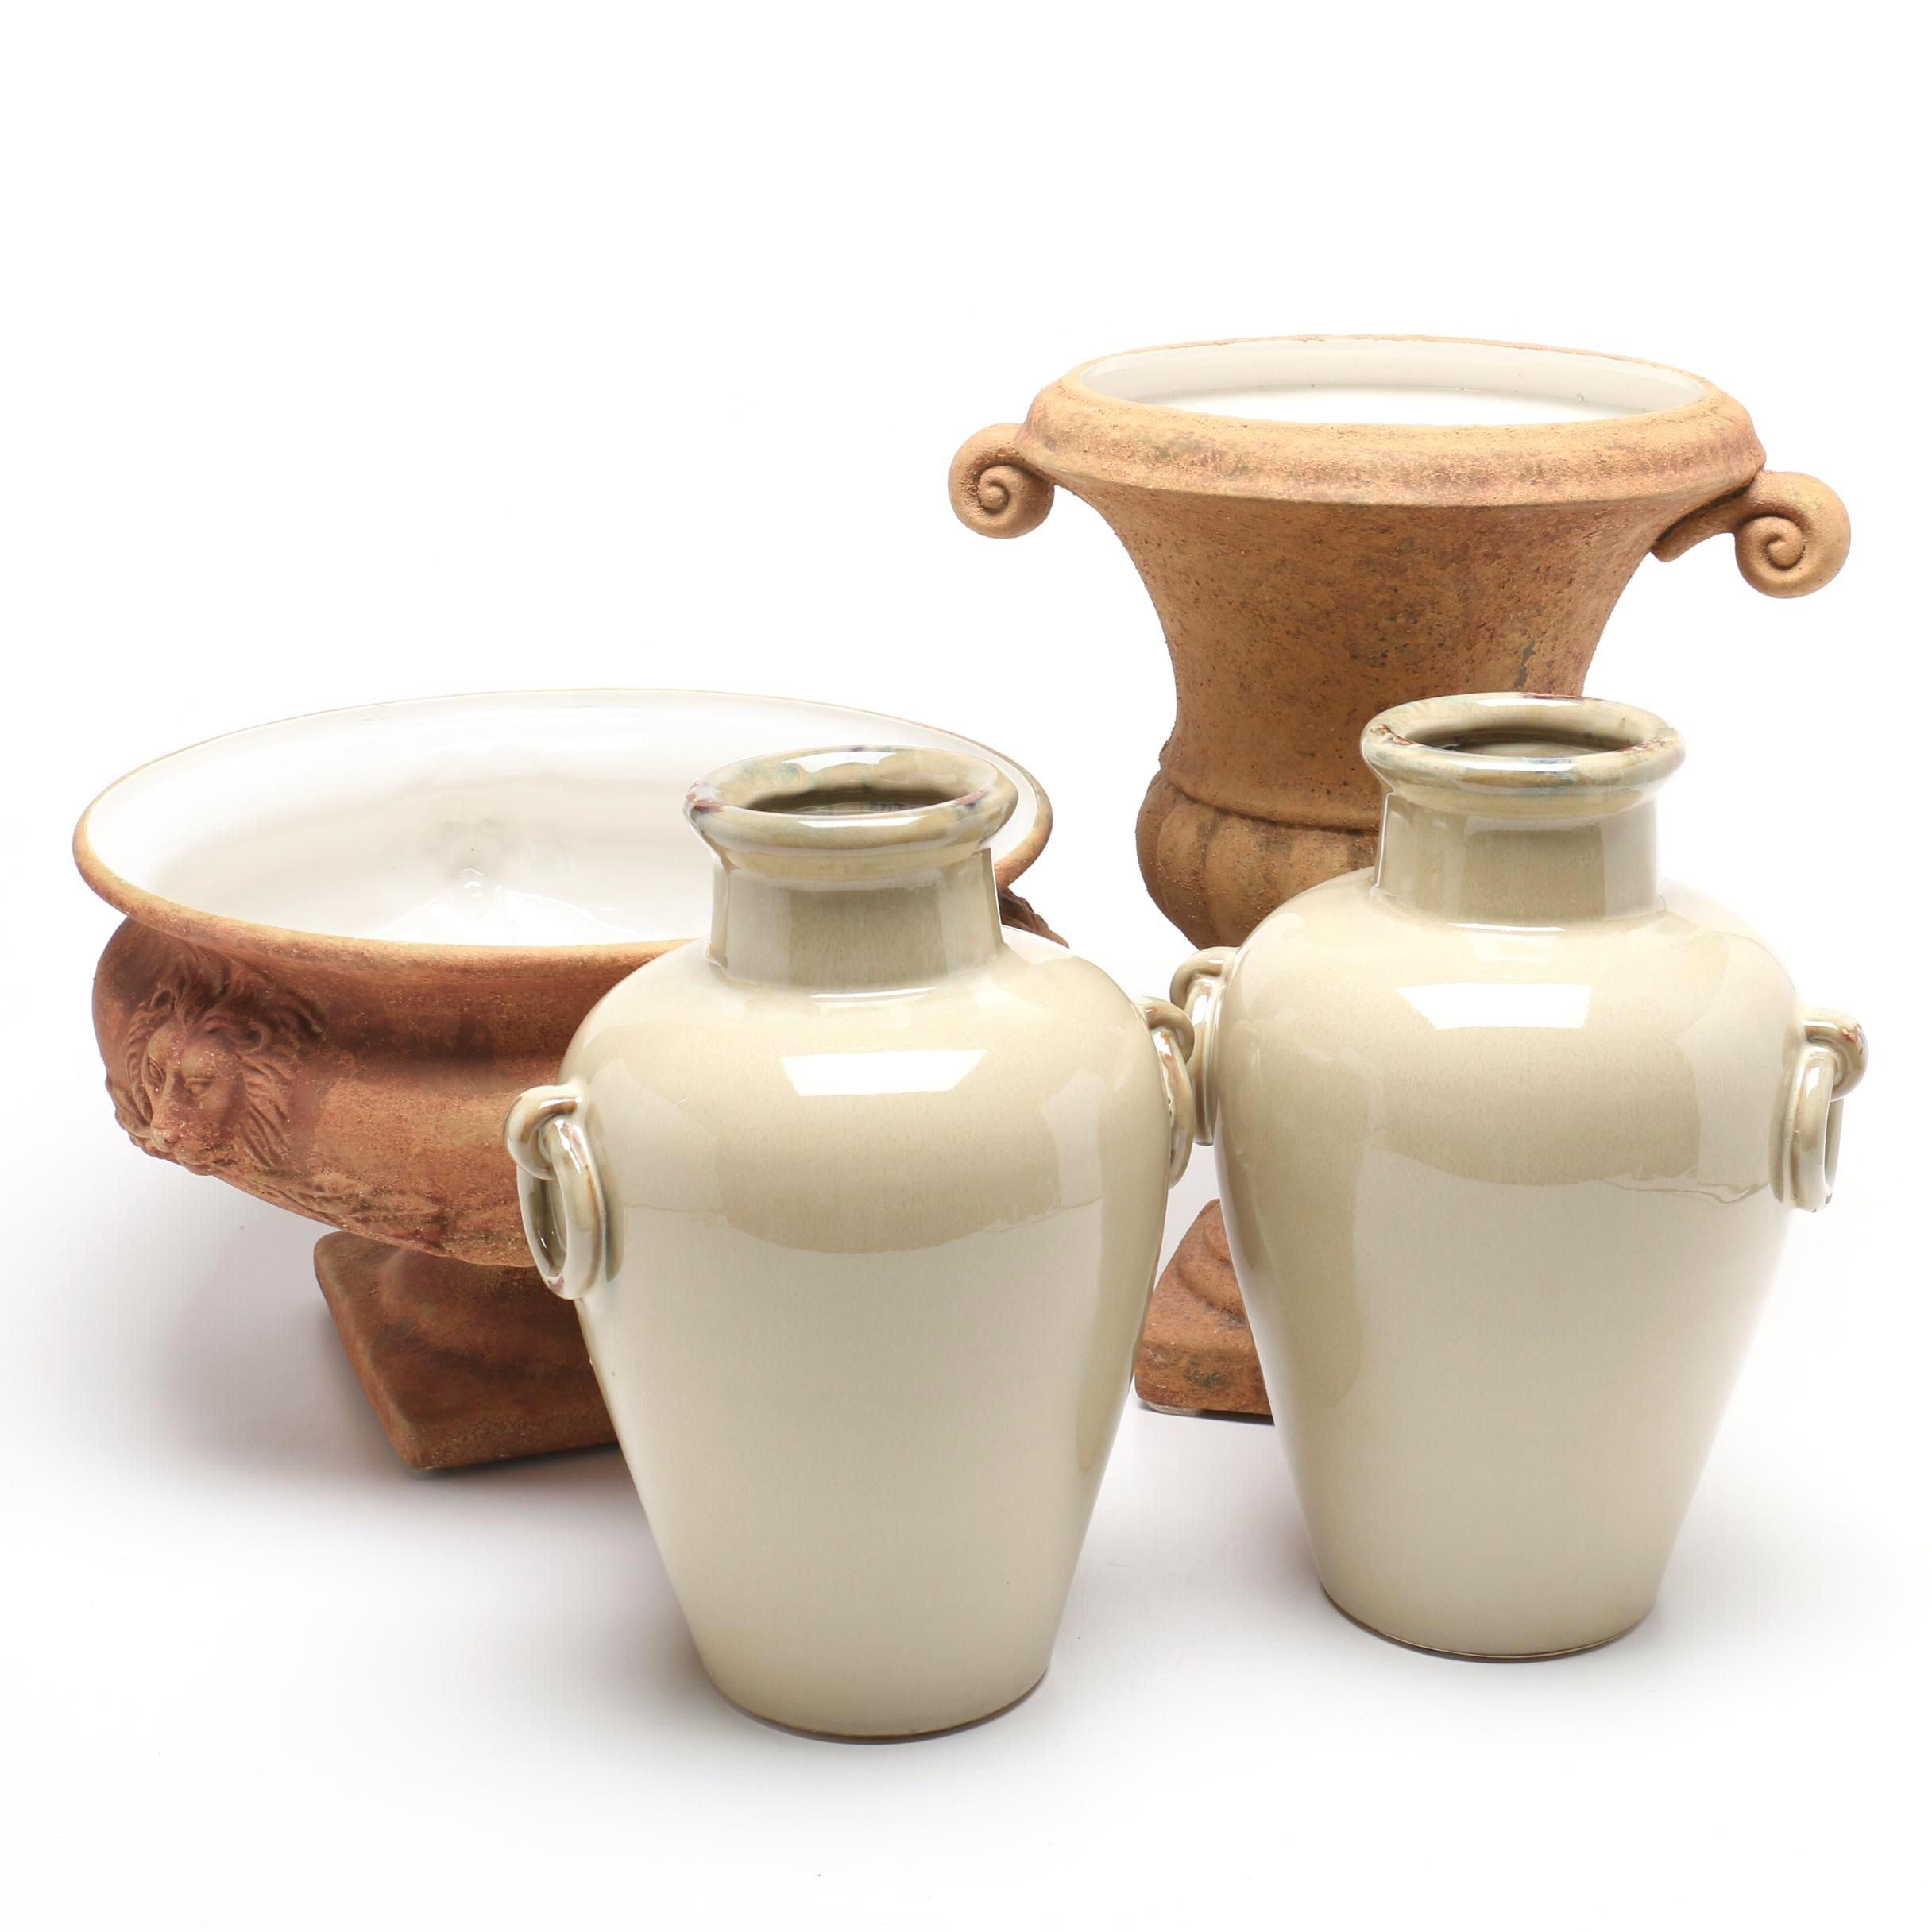 Glazed Ceramic Urns and Vases